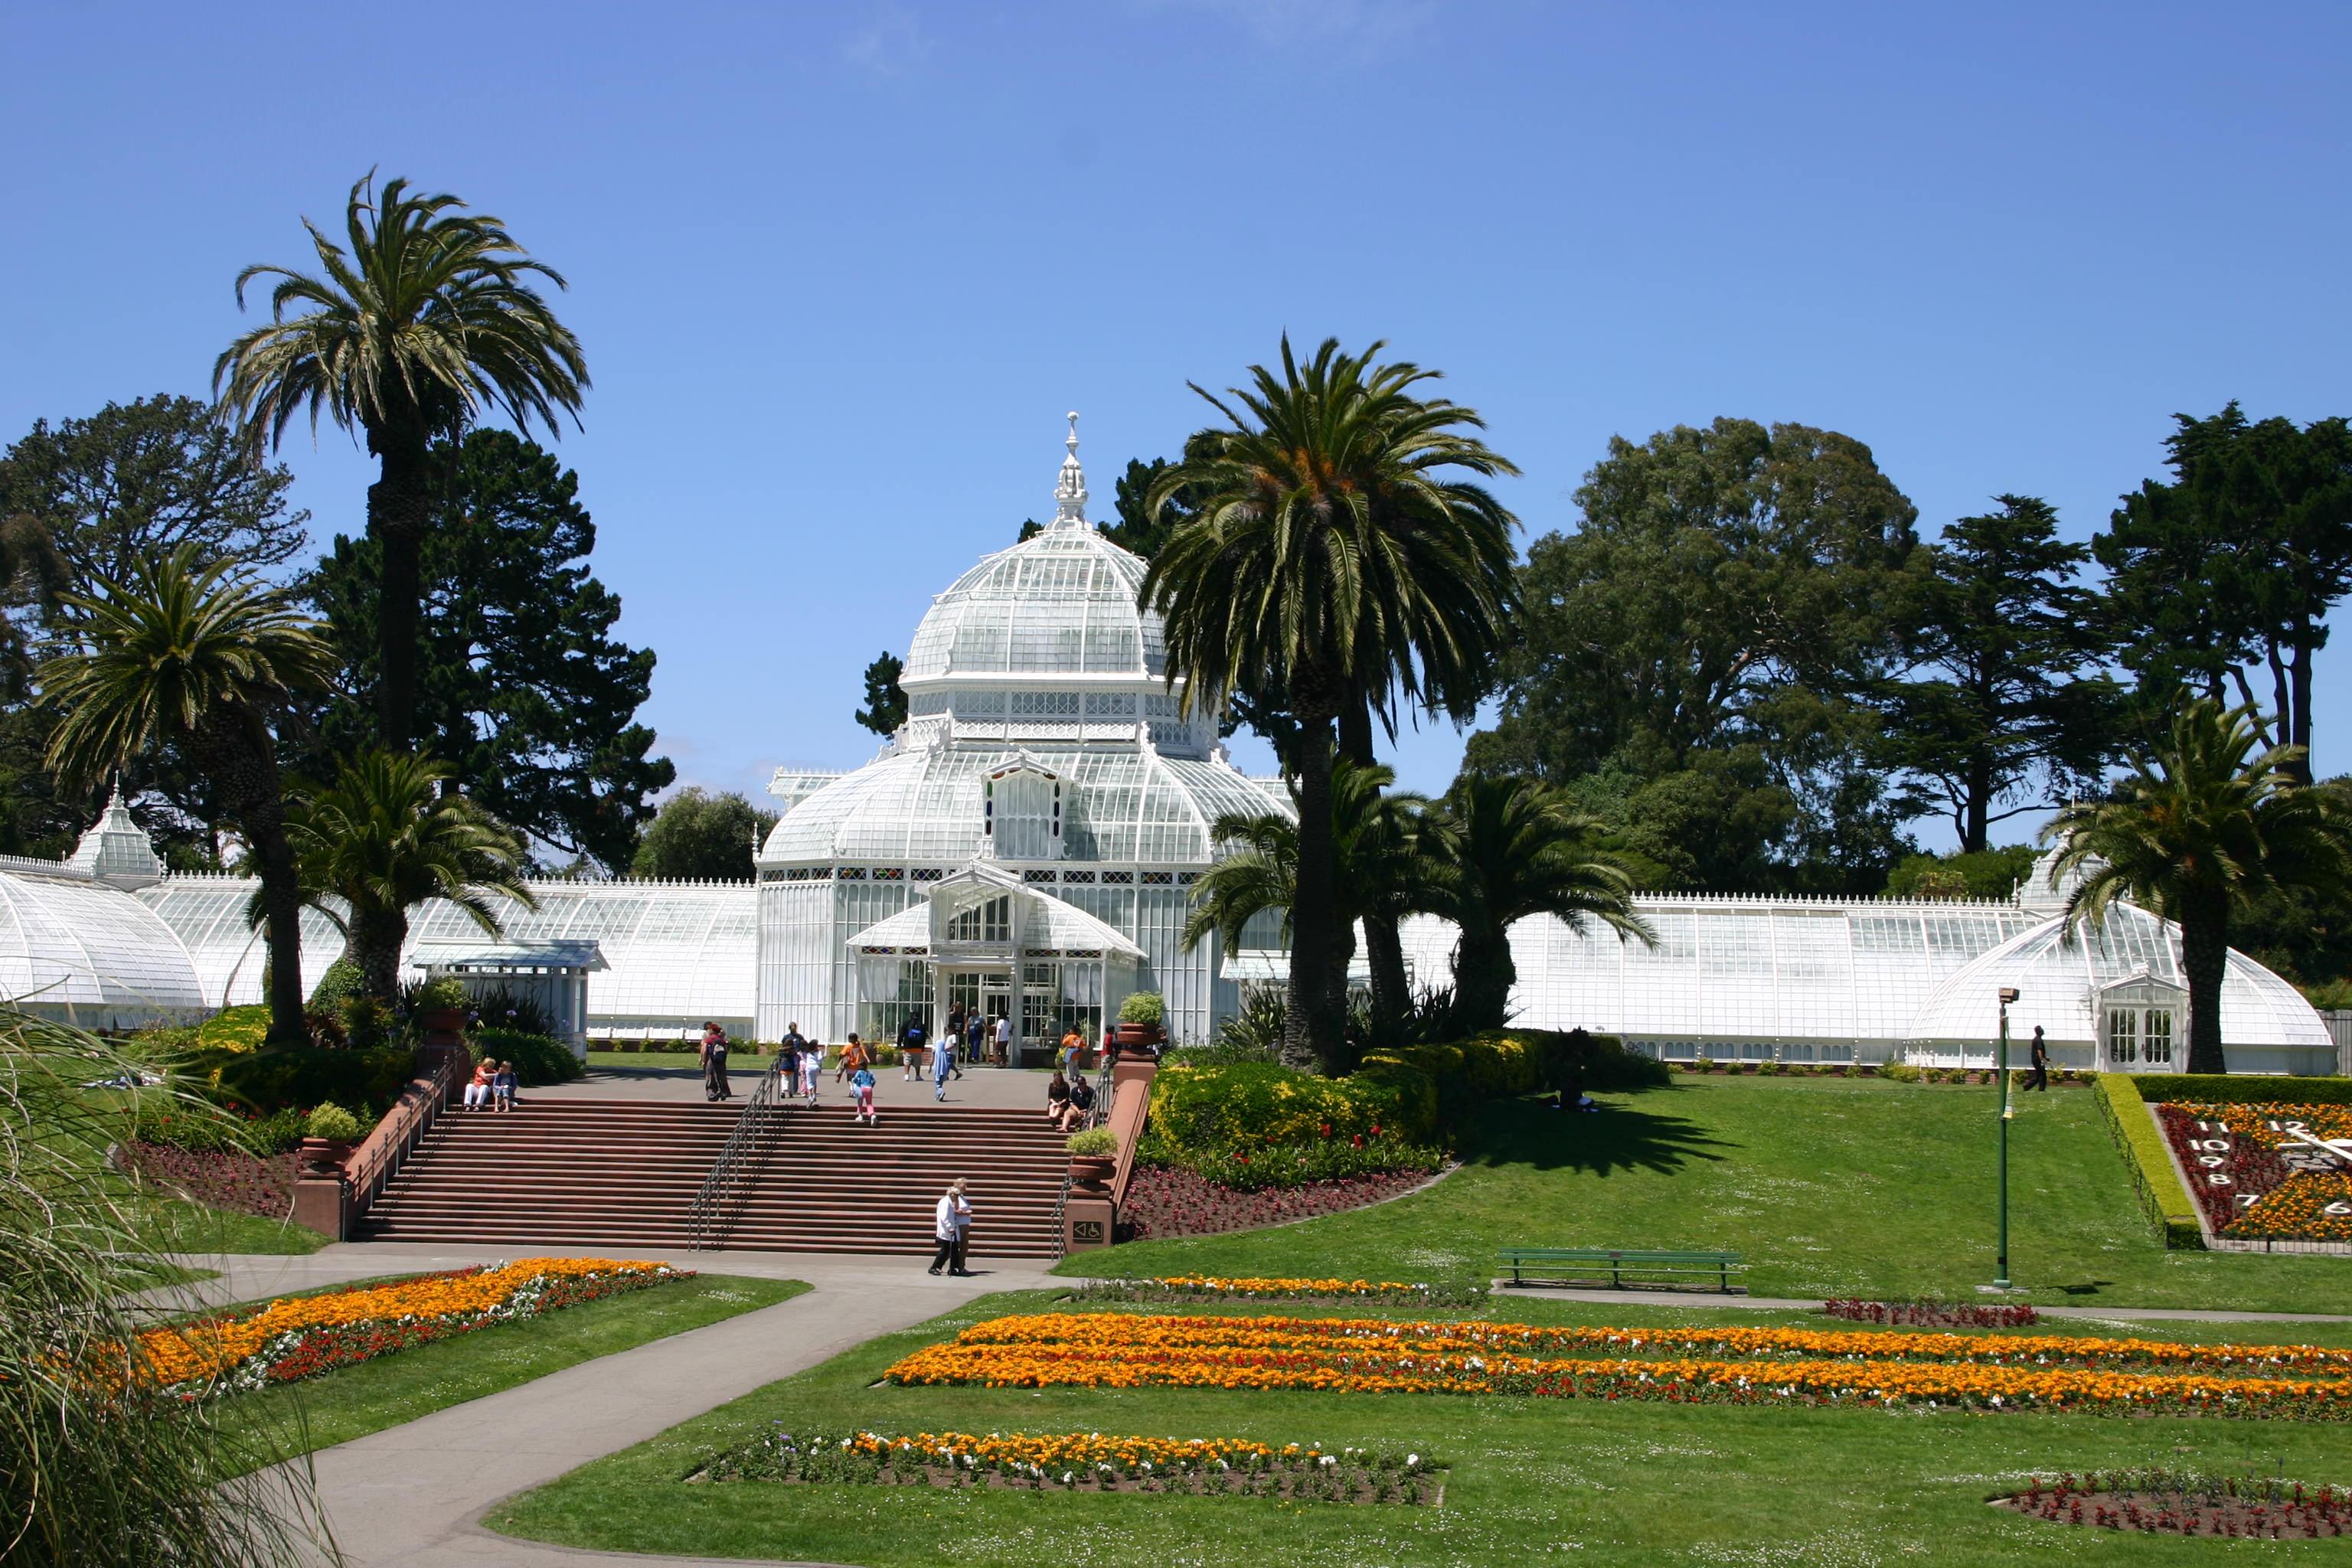 Golden Gate Park in San Francisco